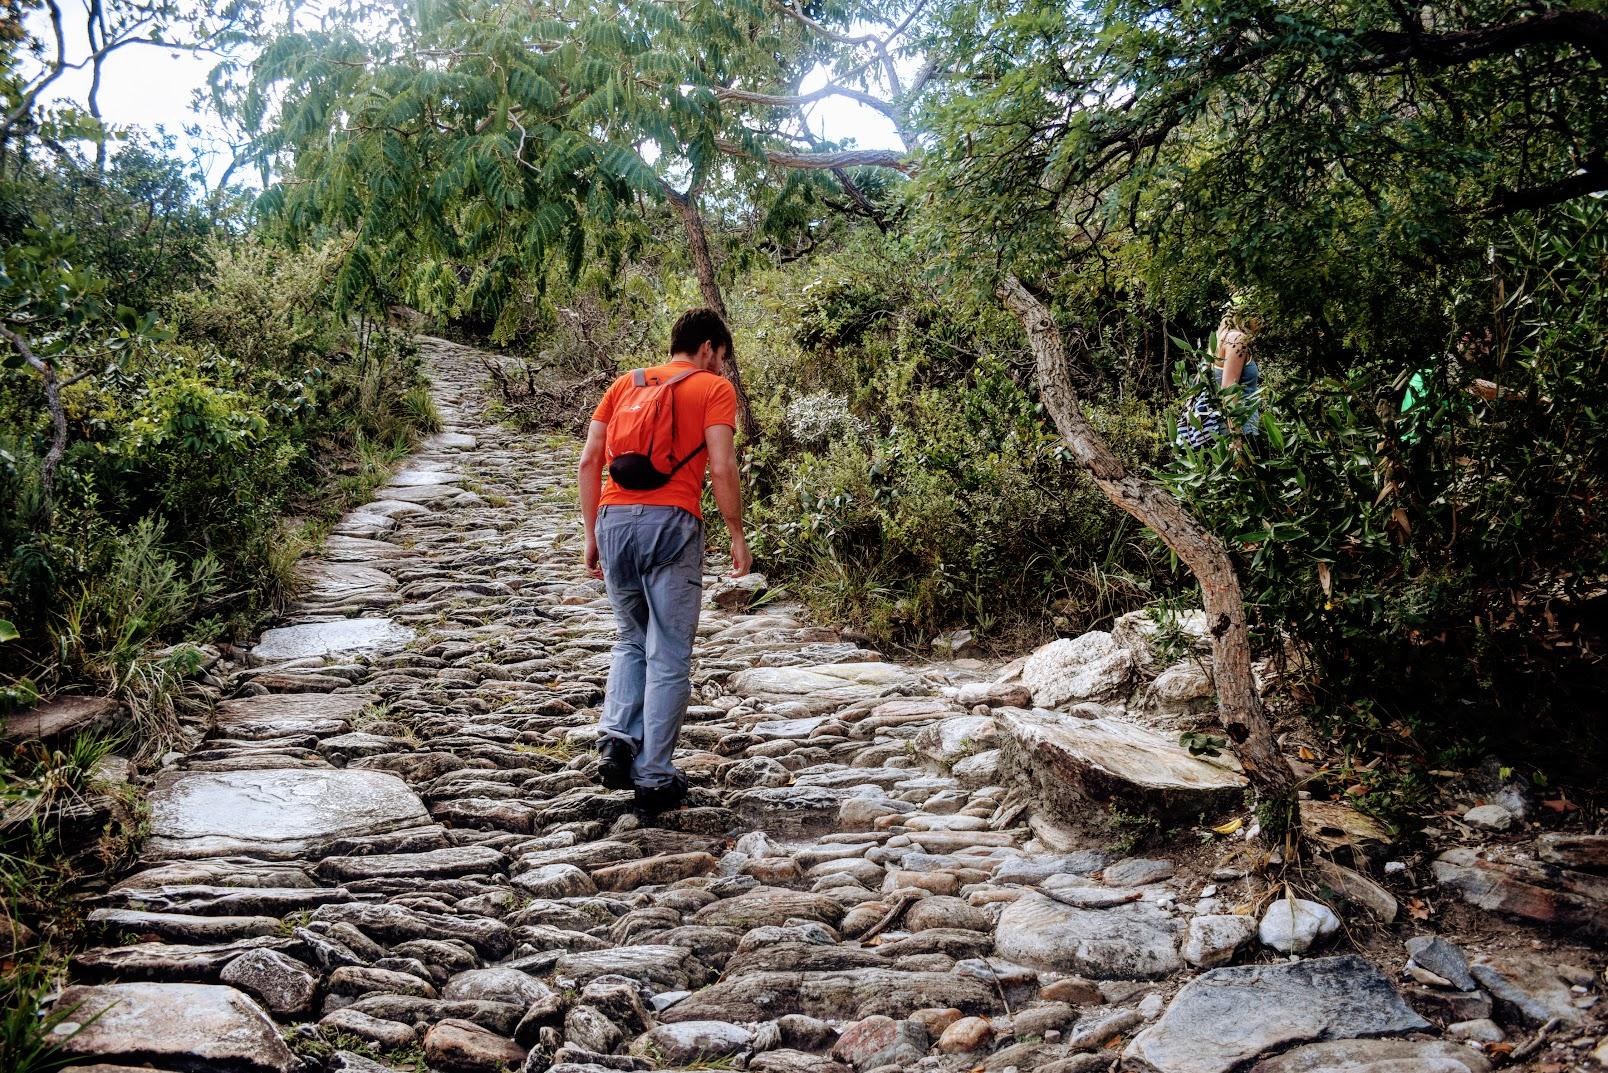 Na Trilha dos Escravos, pegar uma saída à direita para chegar no topo da Cachoeira Véu da Noiva